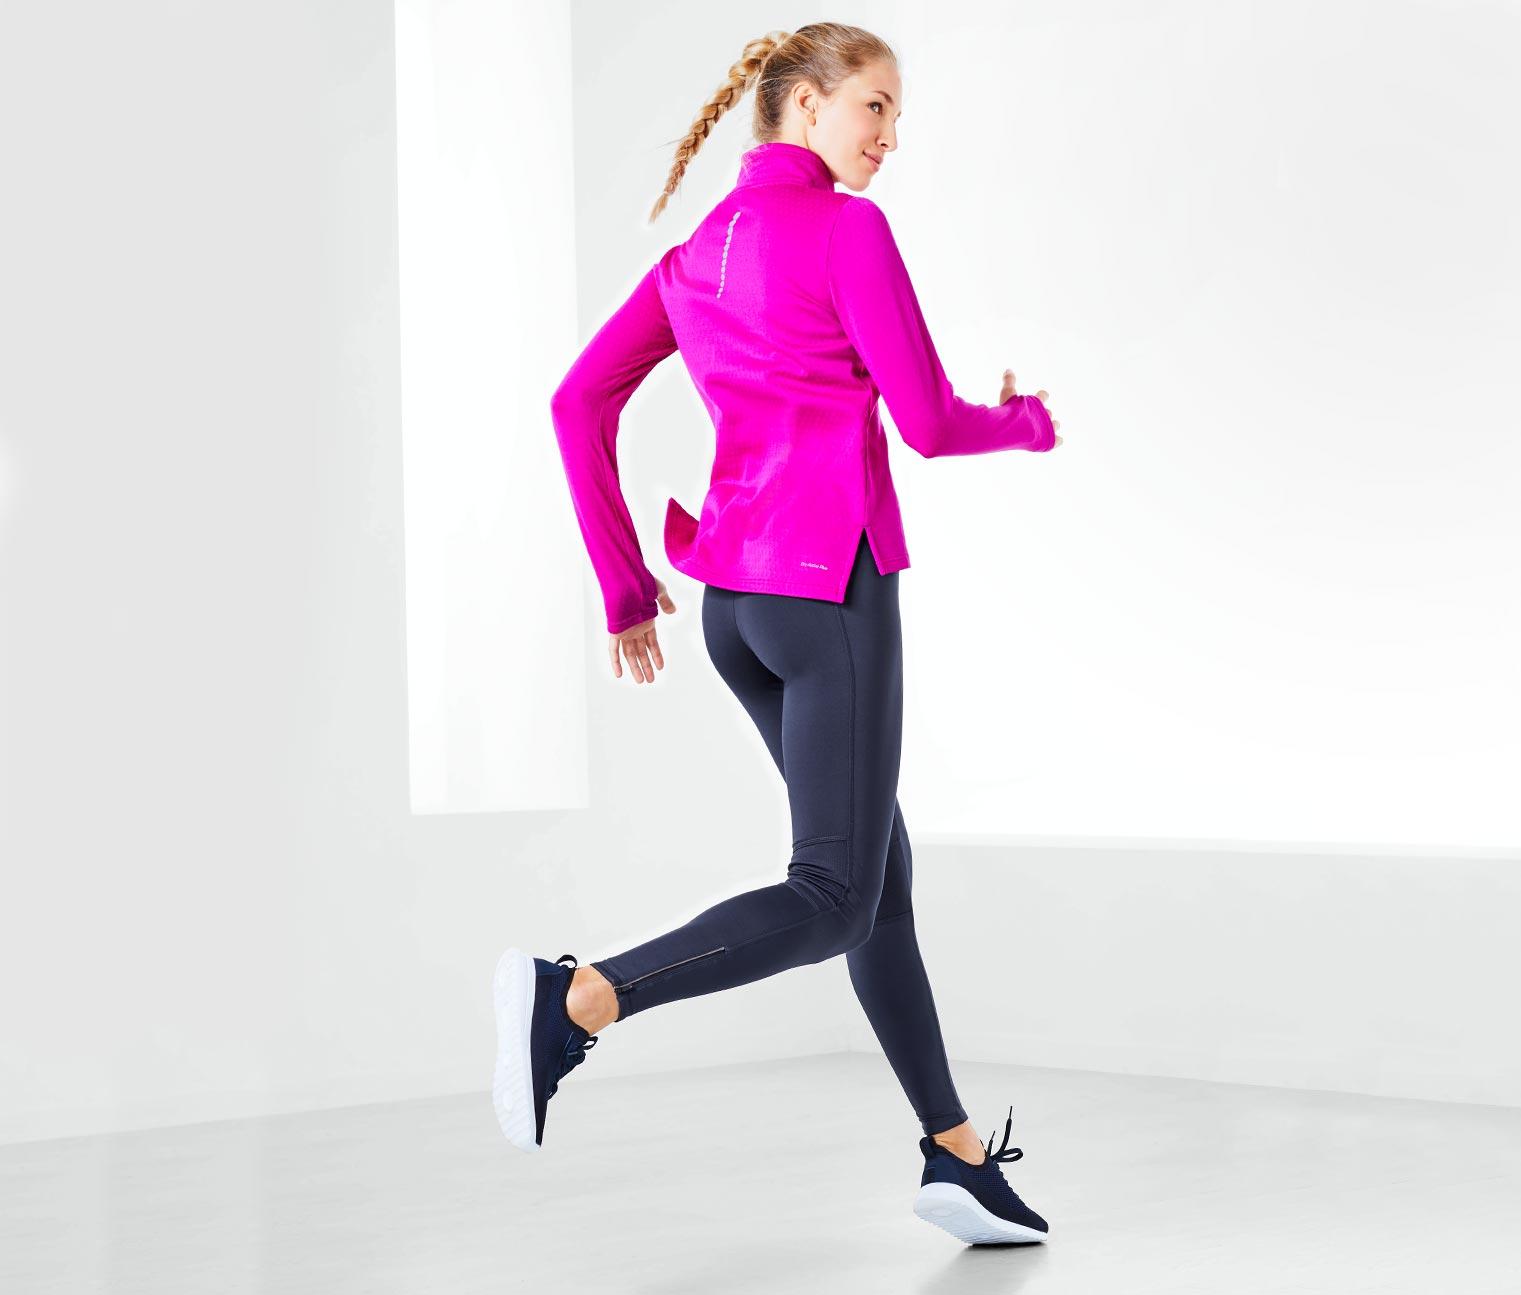 Női termo futónadrág, kék GLAMI.hu